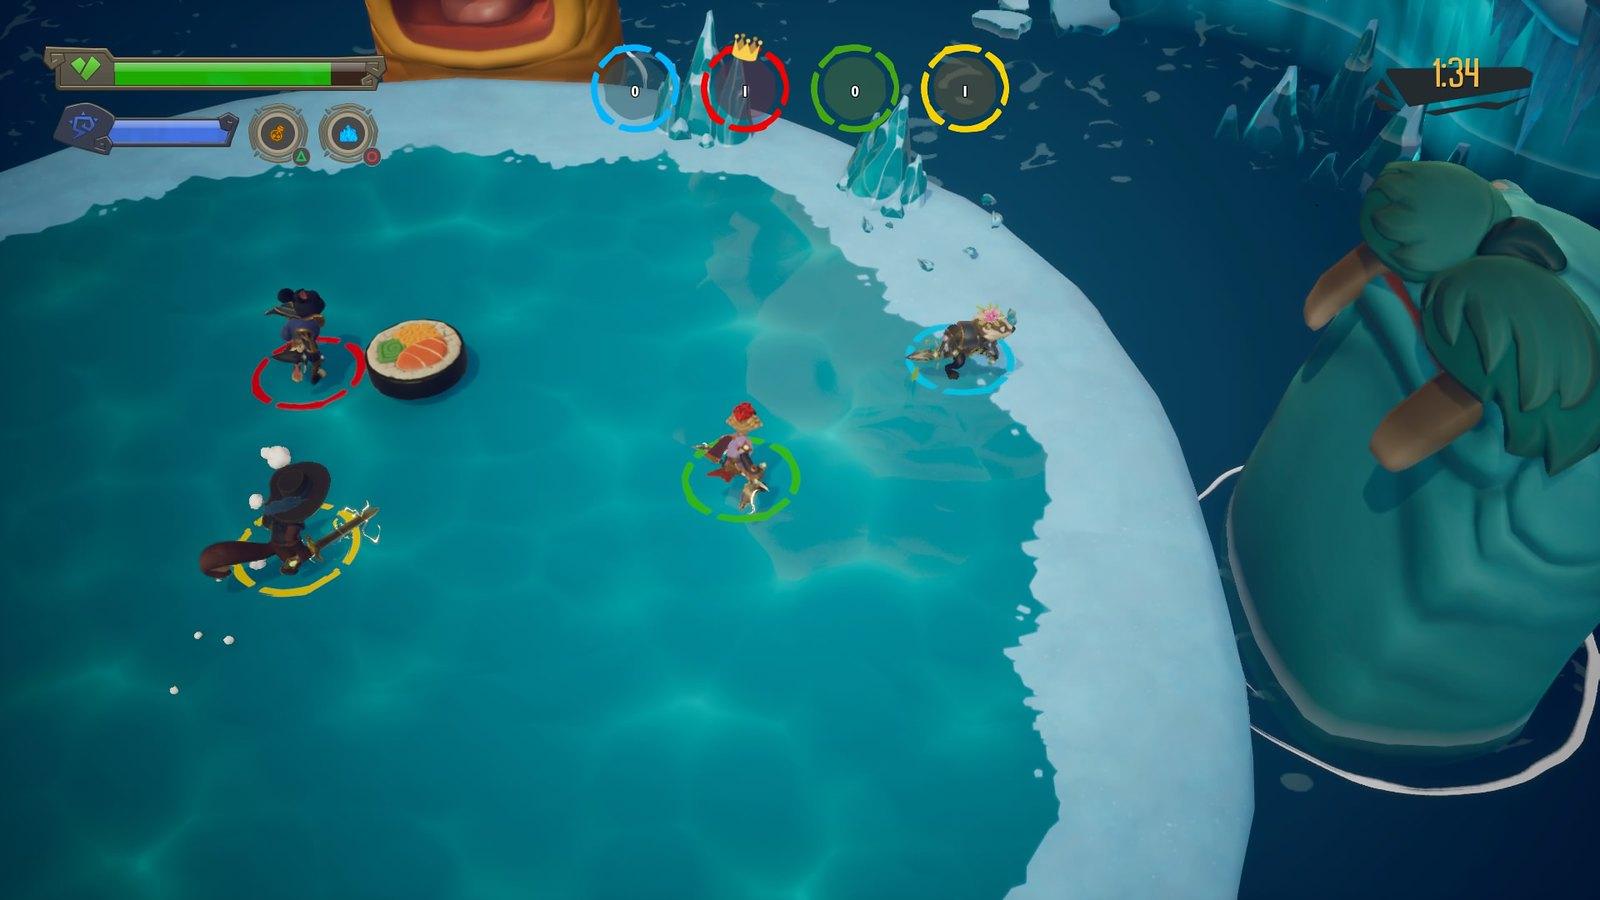 48751510073 a6887003c6 h - Fette Bosse und bizarre Minispiele erwarten euch im kompetitiven Dungeon-Crawler ReadySet Heroes